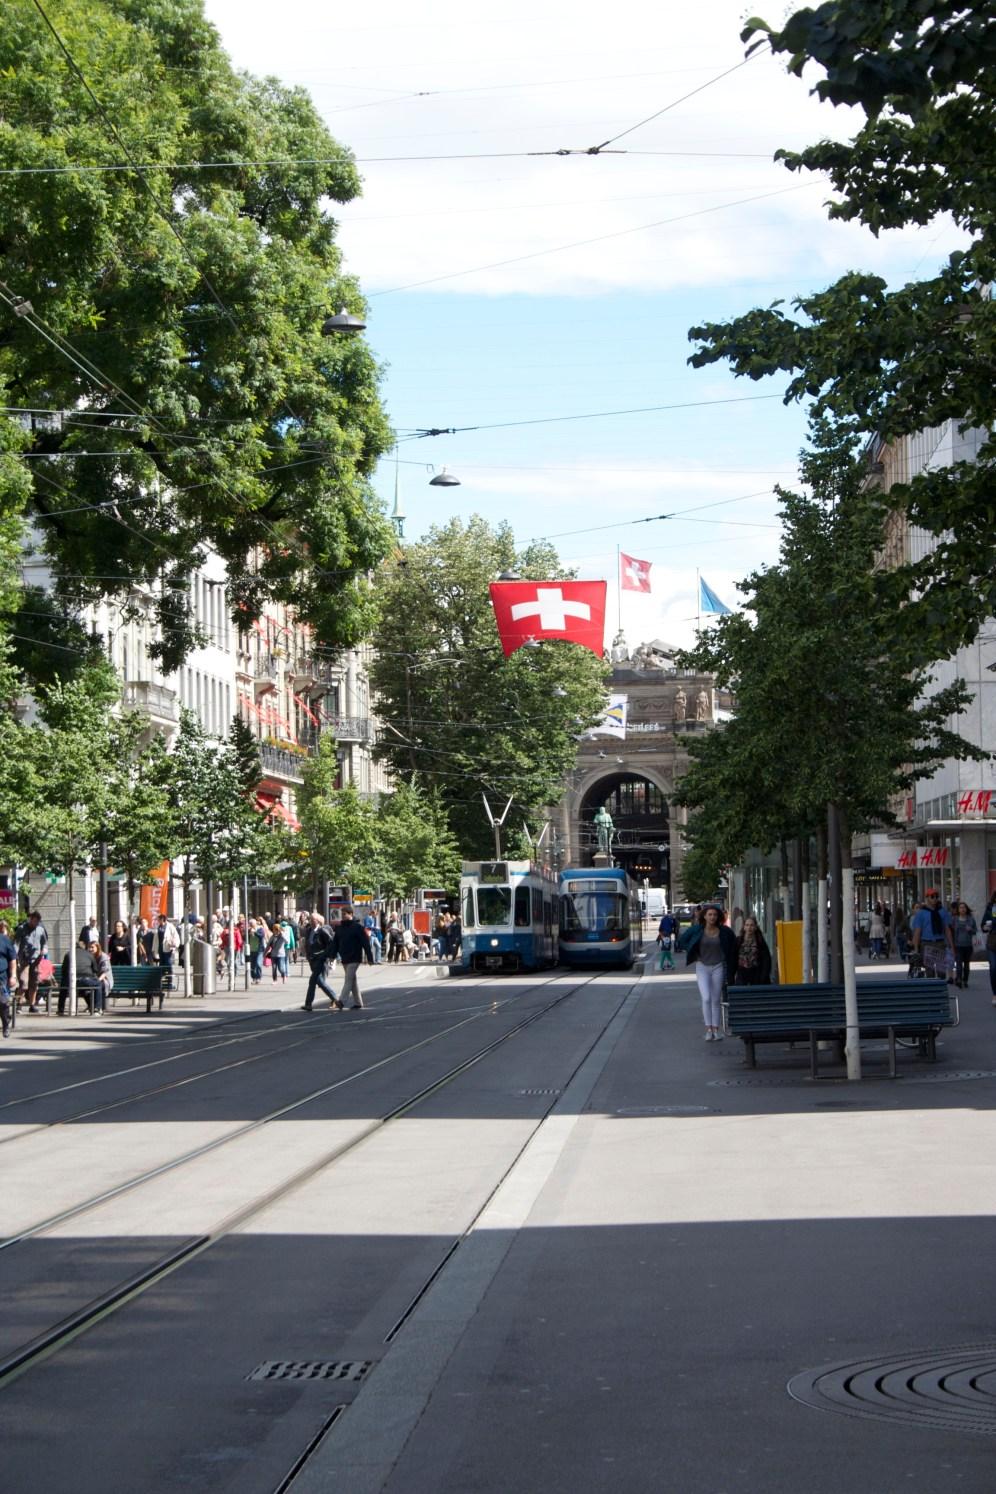 Street cars in Zurich